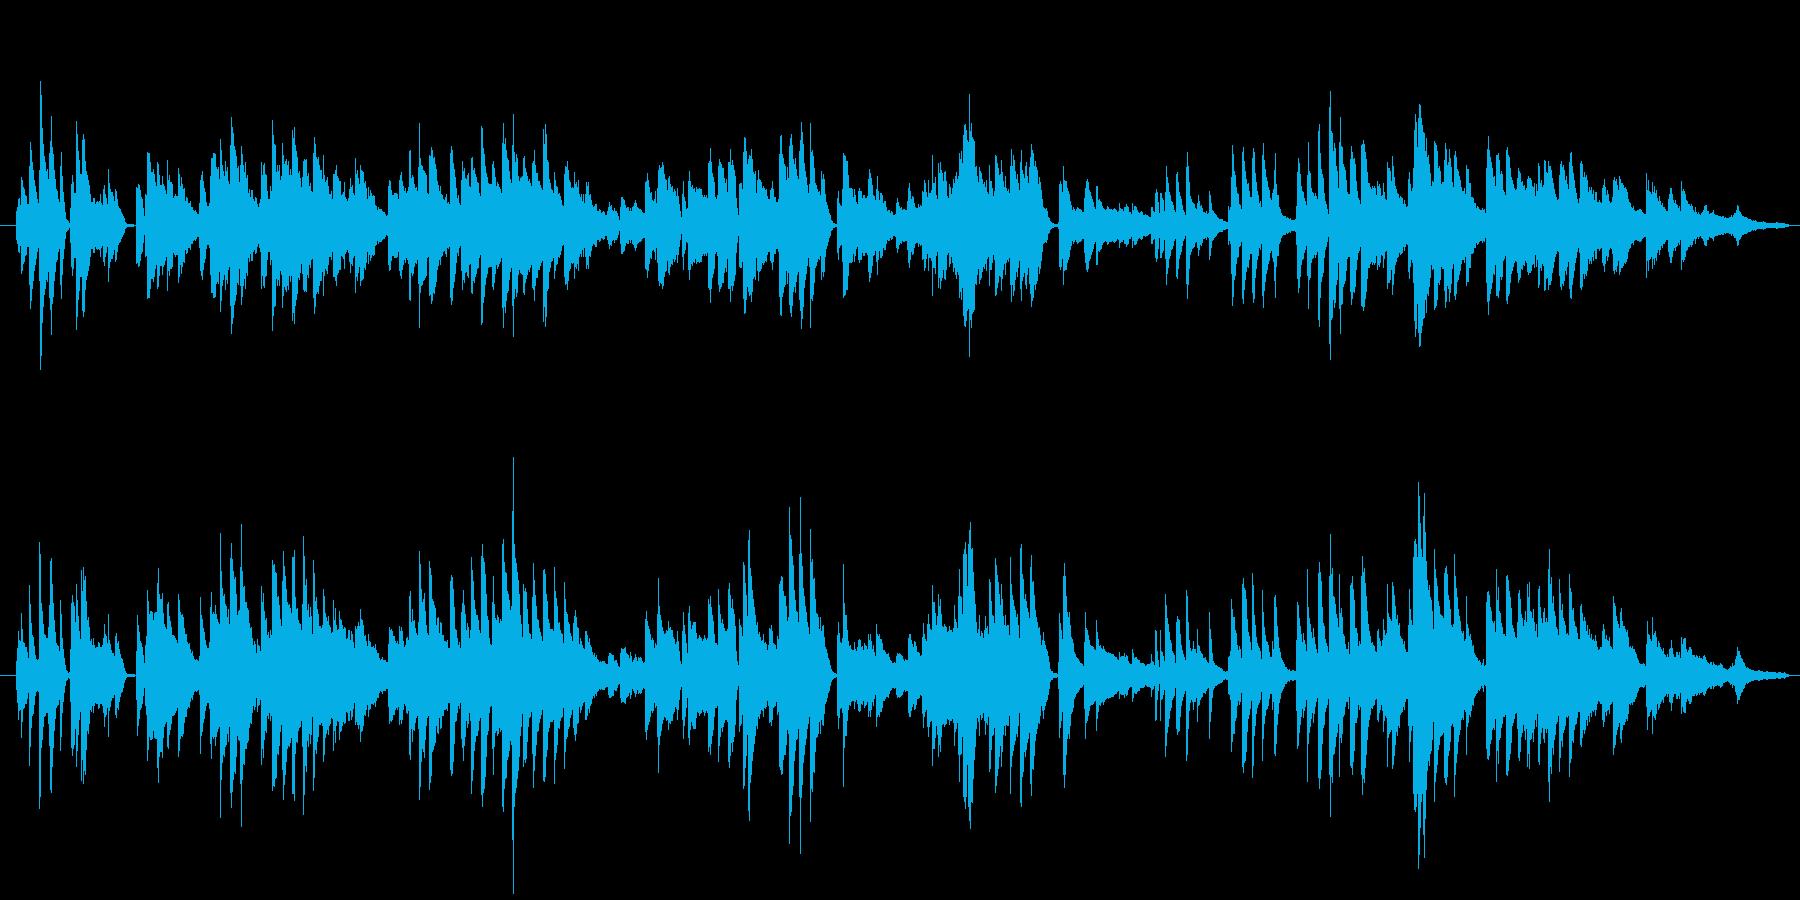 昼下がりの穏やかな時間をイメージしたピ…の再生済みの波形